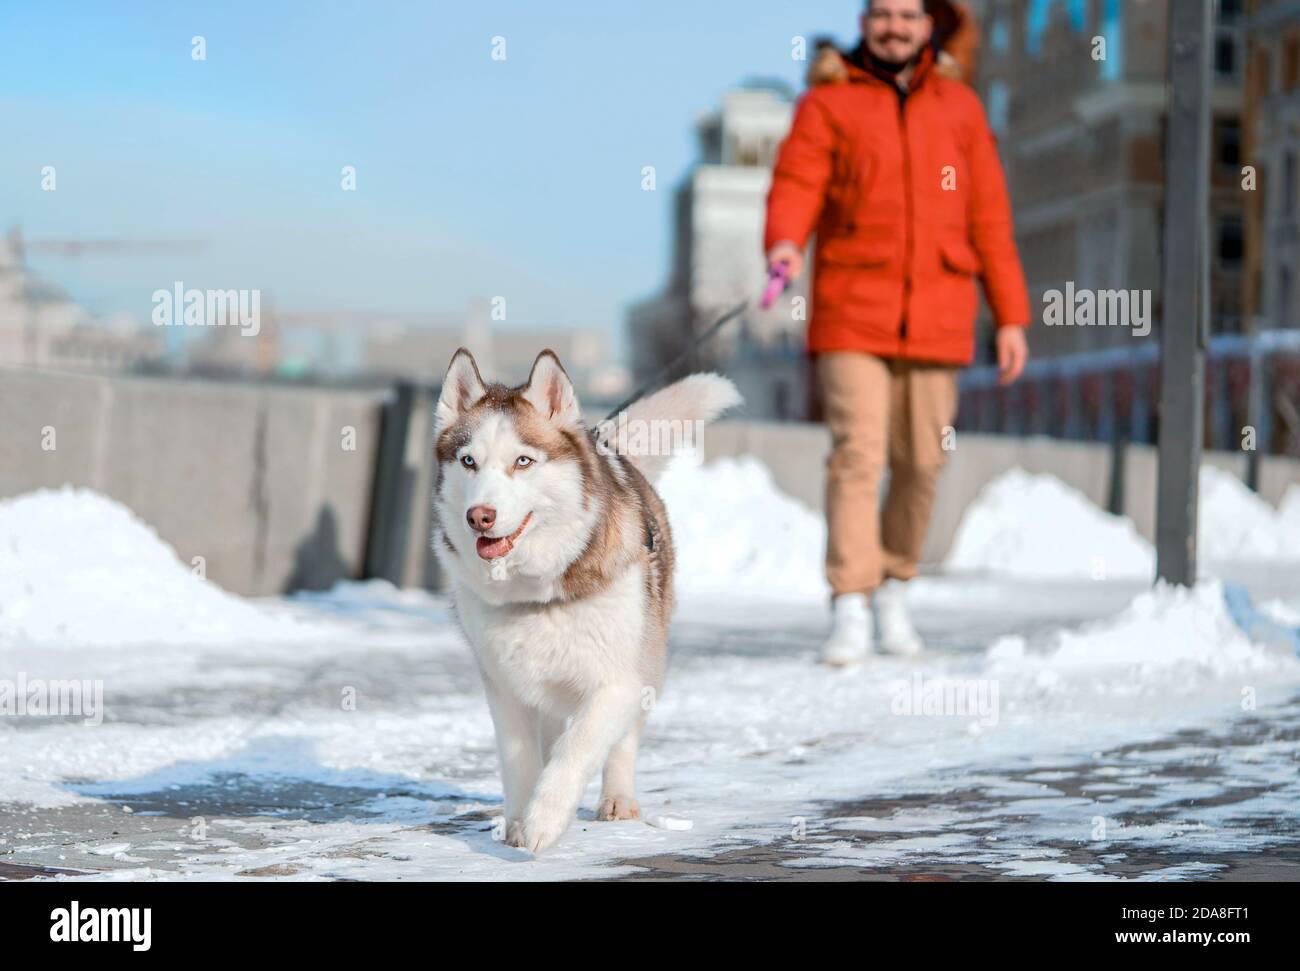 Un homme souriant et un chien Husky de Sibérie heureux marchant dans un parc contemporain moderne le jour de l'hiver. Amour et amitié humains et animaux. Banque D'Images